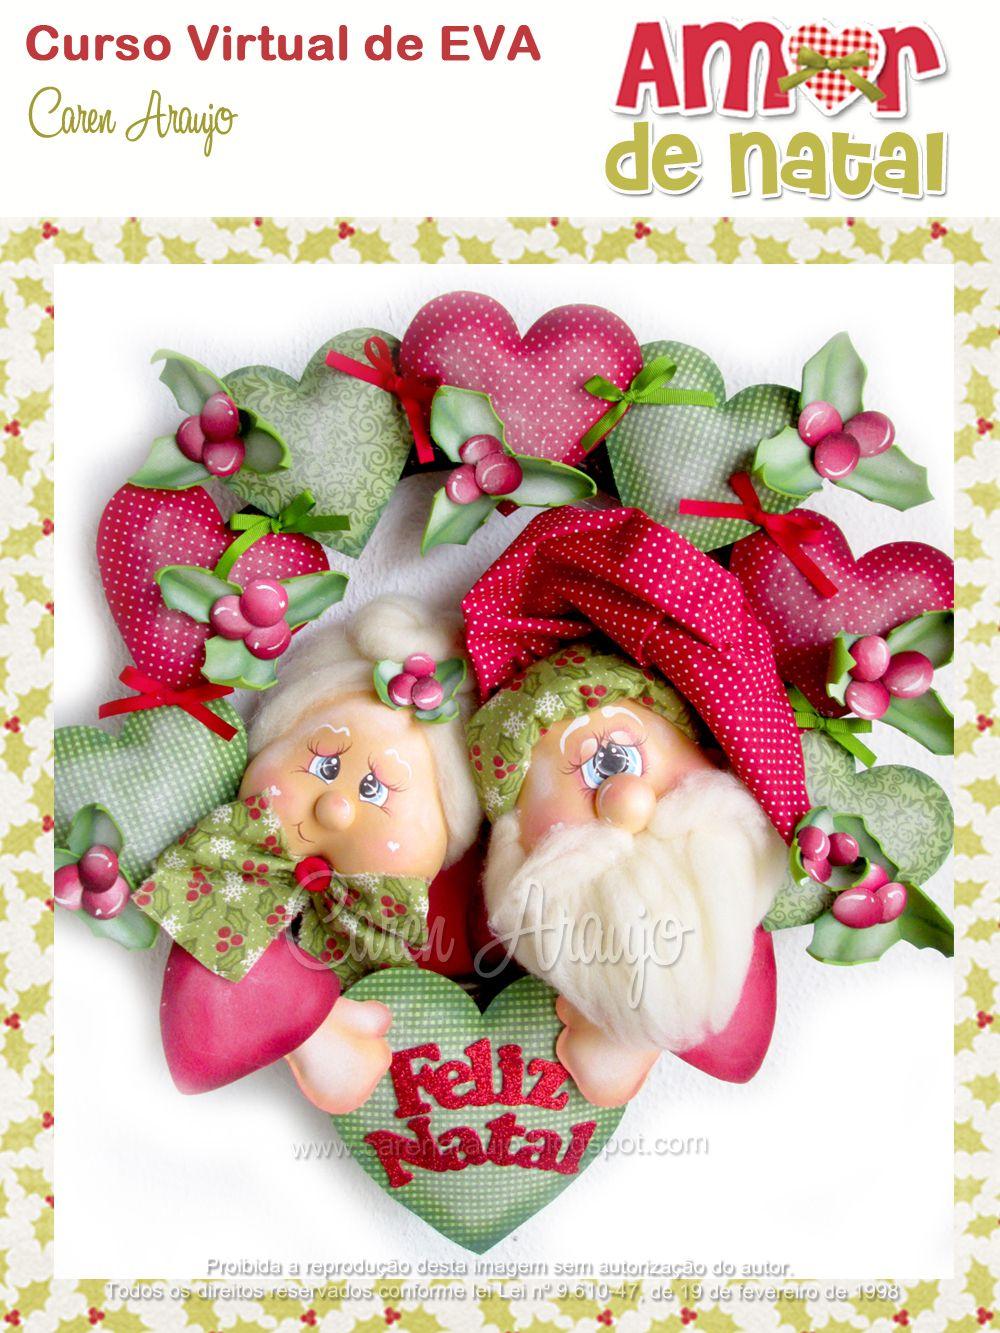 Corona de navidad de santa y mama noel de caren araujo for Coronas de navidad